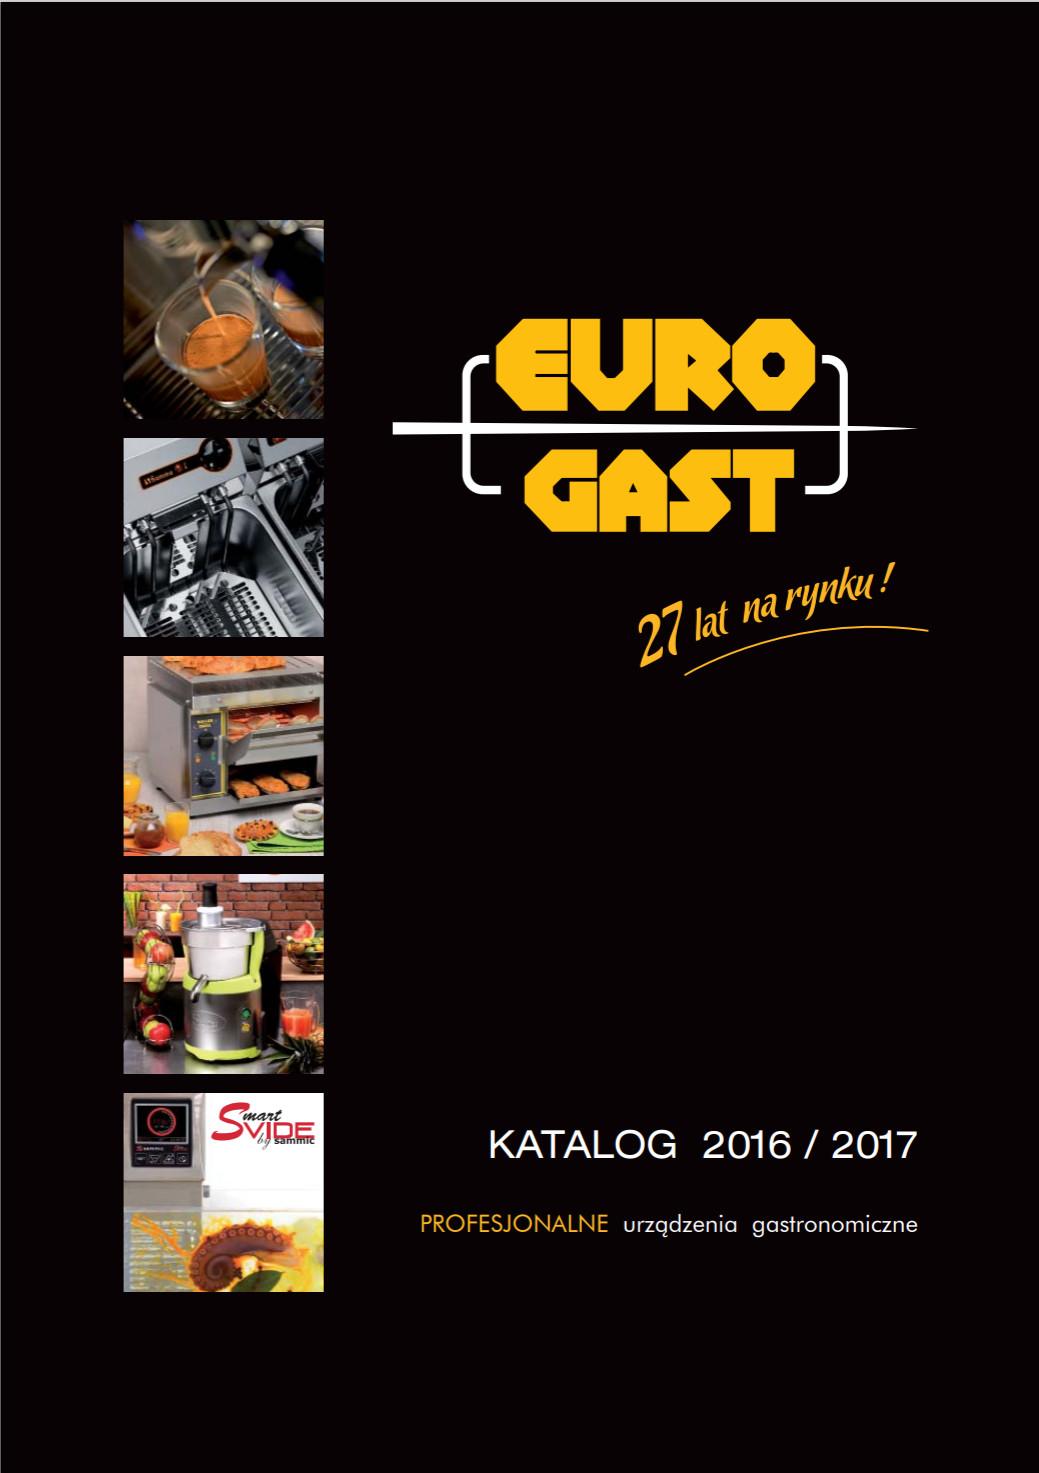 Eurogast - Katalog